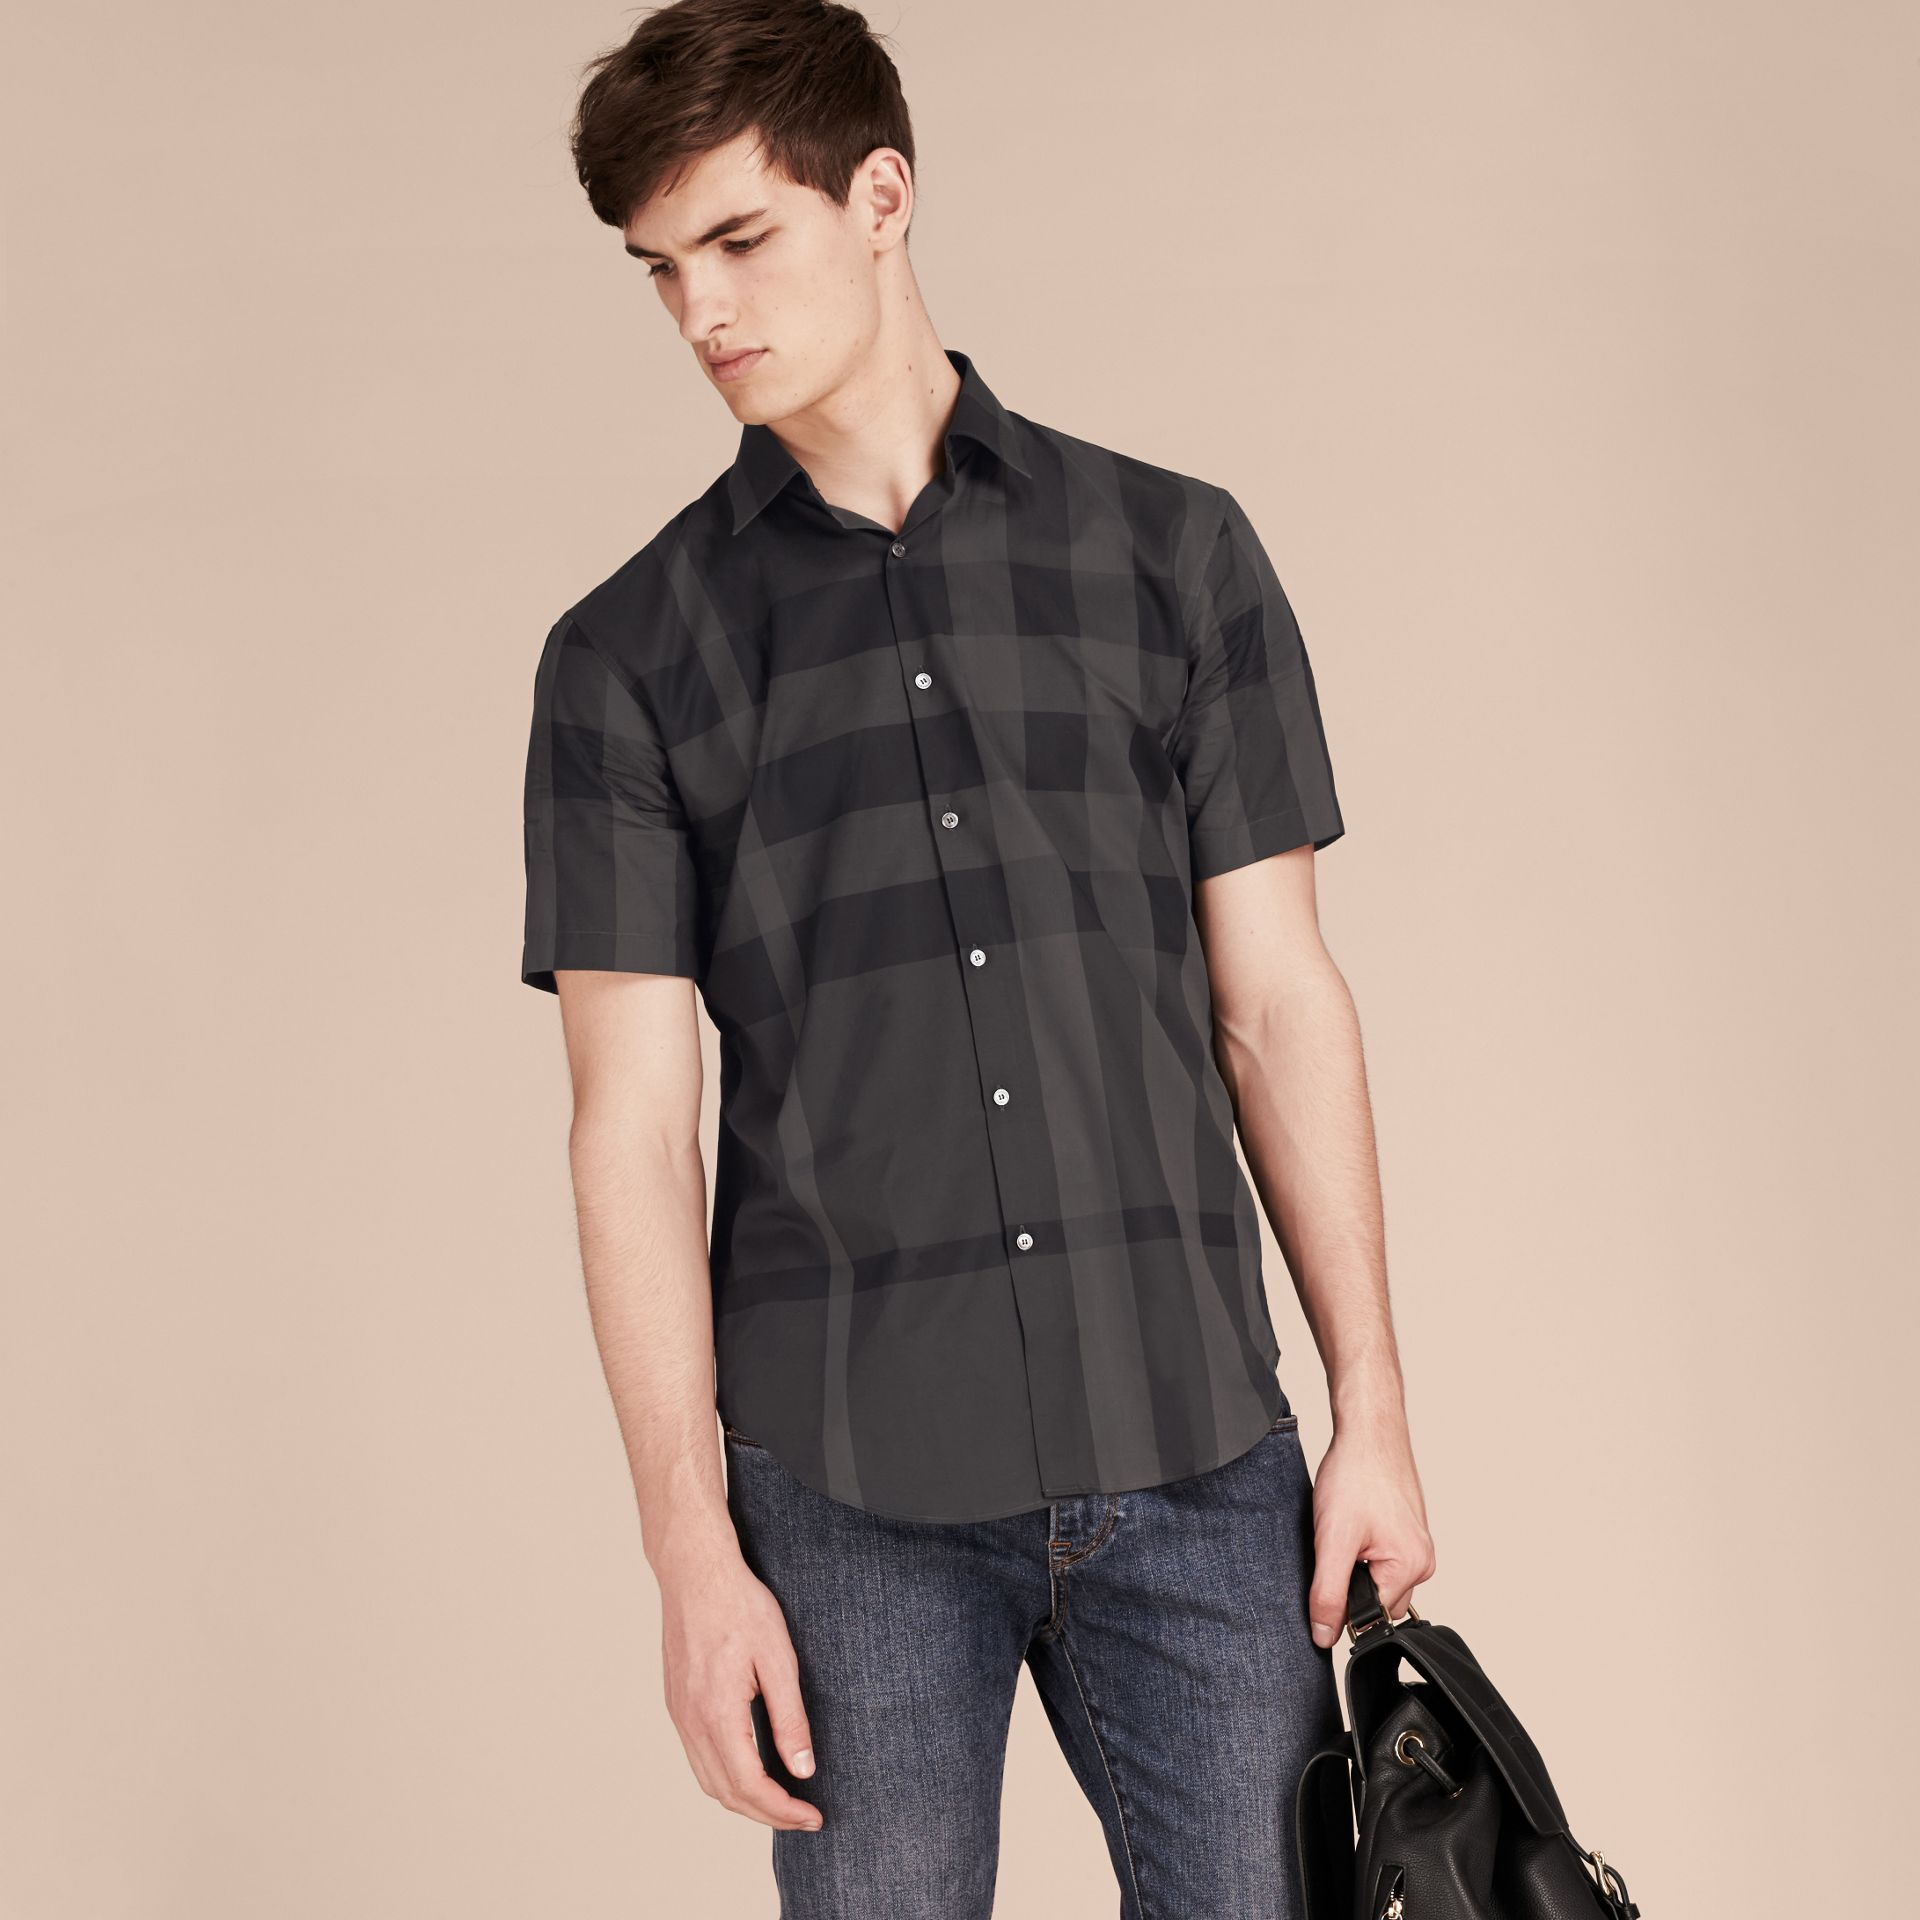 Charcoal Camisa de algodão com estampa xadrez e mangas curtas Charcoal - galeria de imagens 6